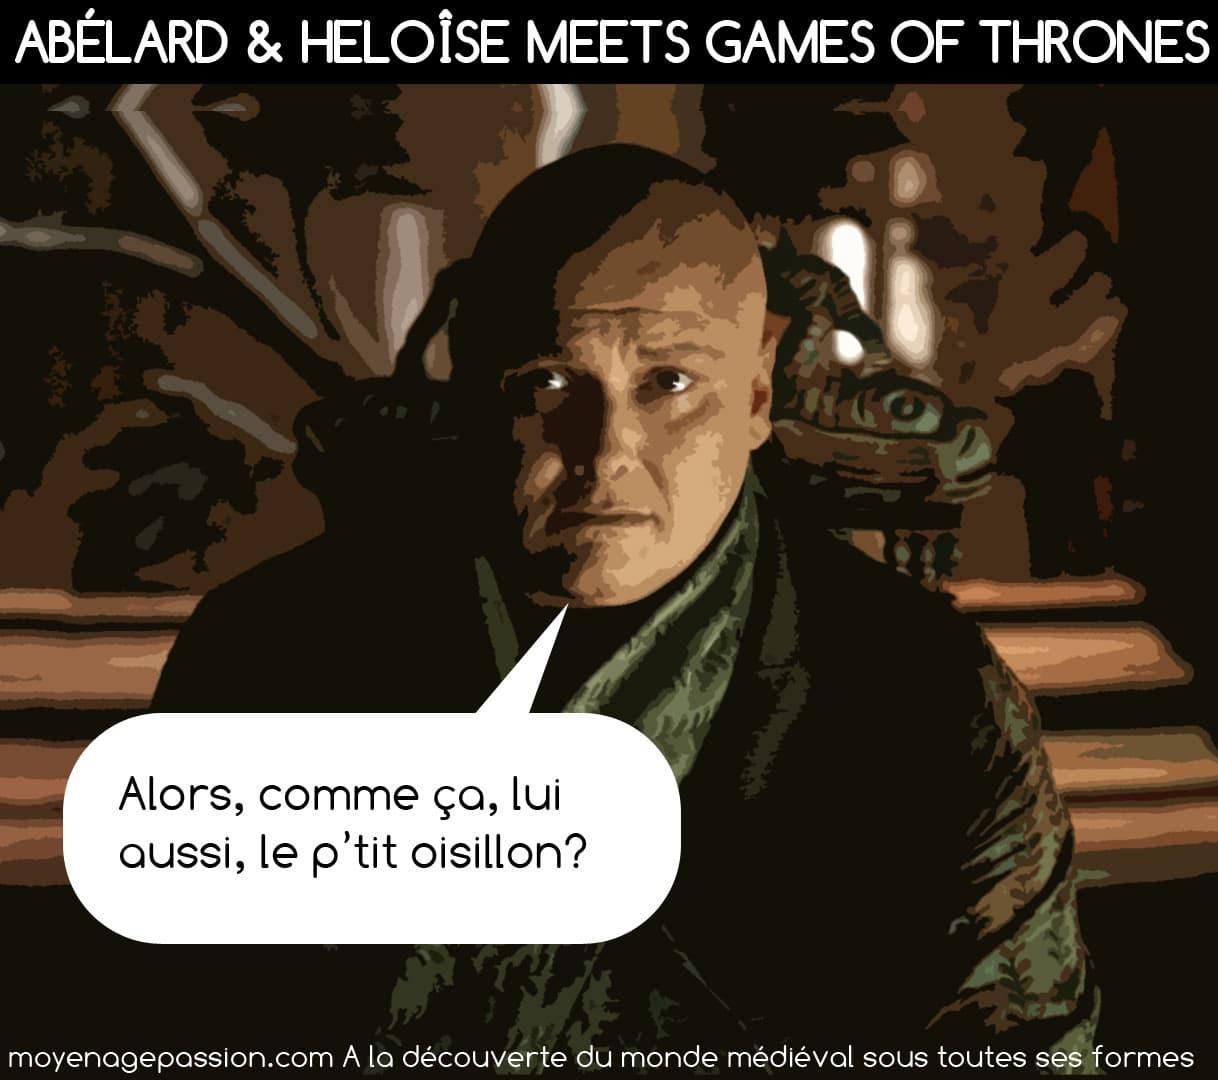 abelard_heloise_amour_passion_histoire_medieval_humour_trone_de_fer